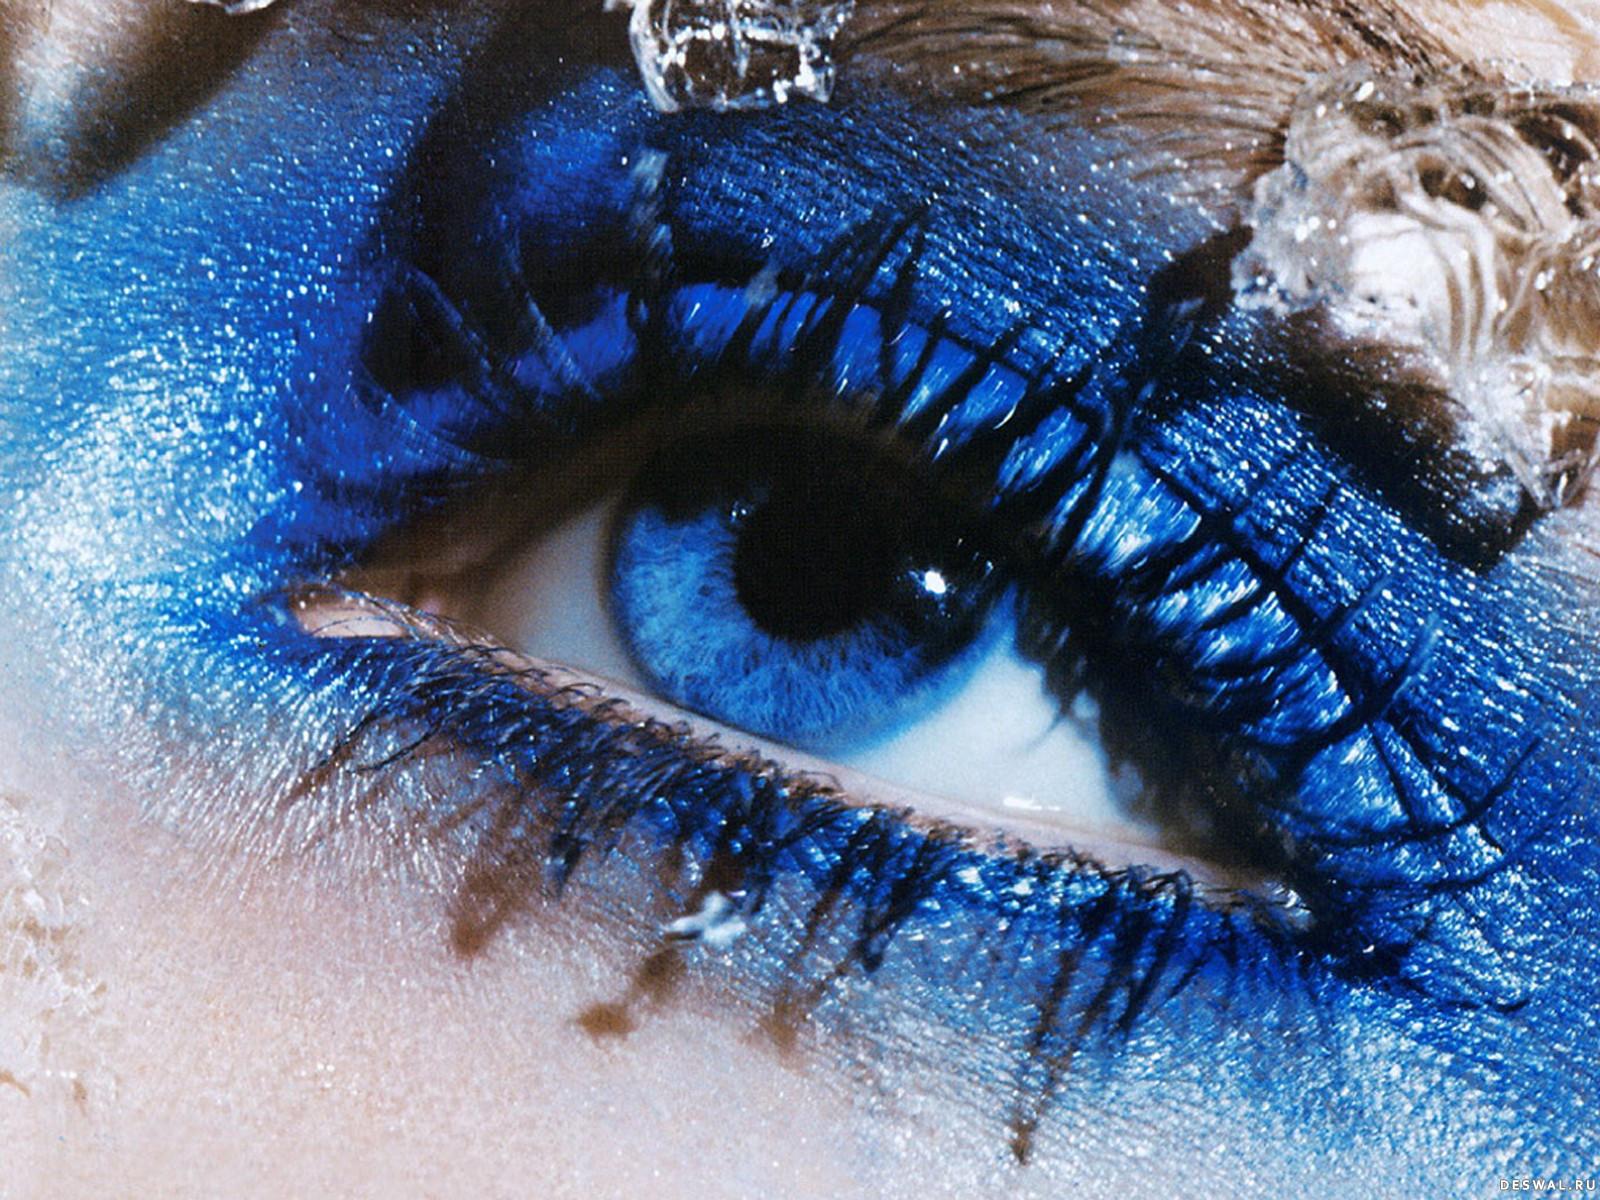 Eye_00048. Смотреть на Мета Фото онлайн бесплатно. глазки. глаза.